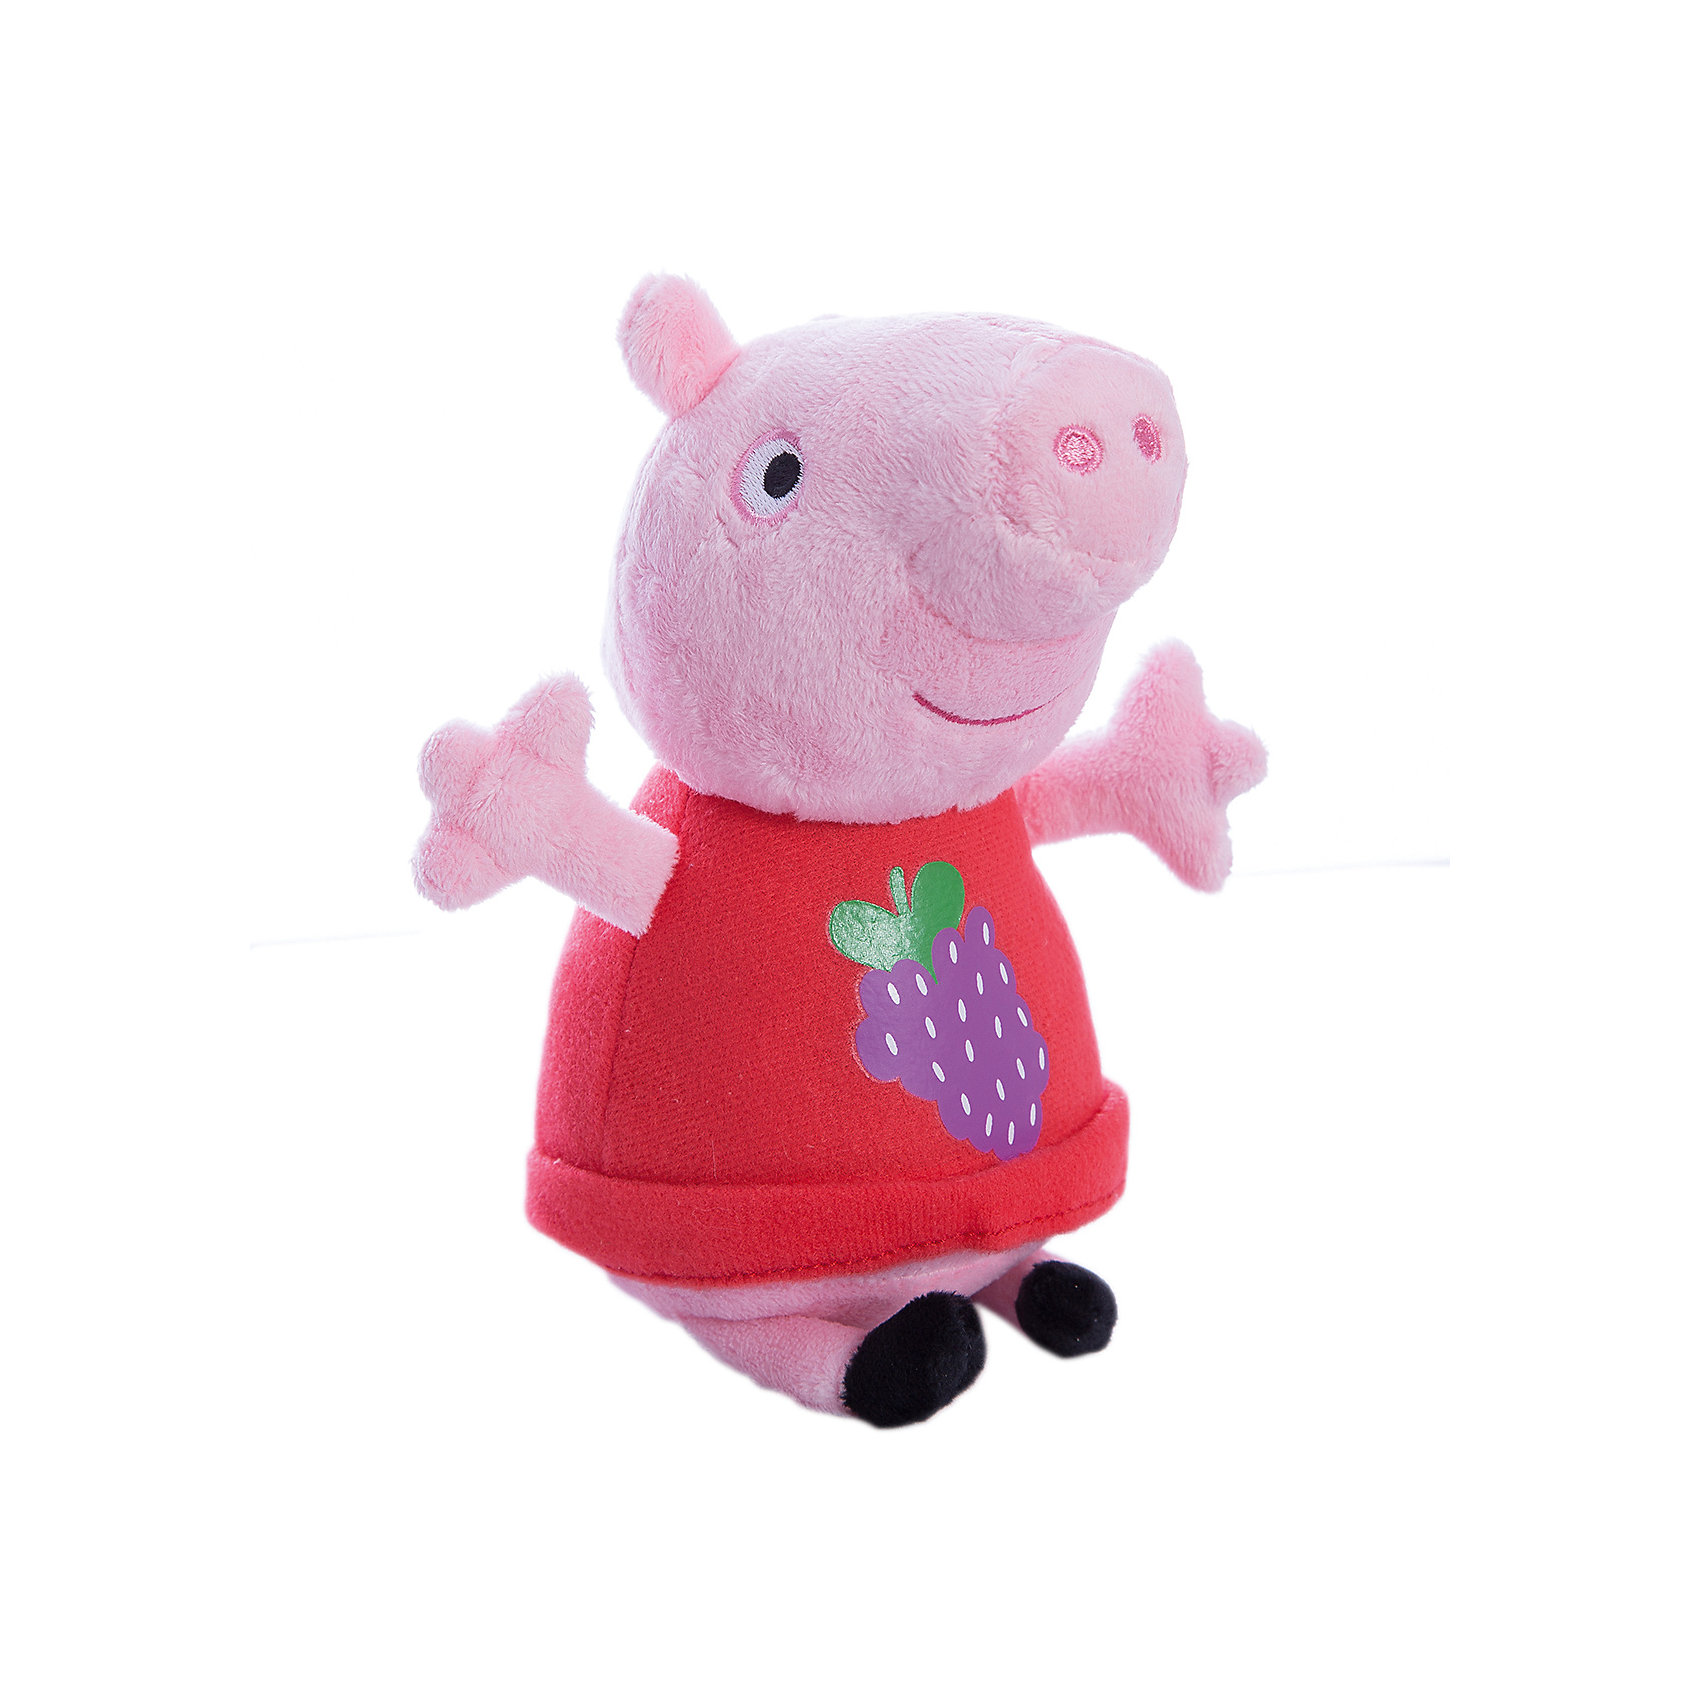 Мягкая игрушка Пеппа с виноградом, 20 см, Свинка ПеппаЛюбимые герои<br>Пеппа с виноградом, Свинка Пеппа - чудесная мягкая игрушка, которая обязательно порадует Вашего малыша. Очаровательная свинка из популярного детского мультсериала Peppa Pig такая же непоседливая и любопытная как и все малыши ее возраста и постоянно попадает в забавные и смешные ситуации. Игрушка выполнена из мягкой и нежной велюровой ткани и очень похожа на свой оригинал из мультика. Глазки, носик и ротик Пеппы выполнены в виде плотной вышивки, а ее красное платьице украшено яркой аппликацией в виде виноградной грозди. Собрав вместе других персонажей из серии Peppa Pig можно придумать множество веселых игр, которые будут развивать воображение и навыки общения.<br><br>Дополнительная информация:<br><br>- Материал: велюр, наполнитель.<br>- Высота игрушки: 20 см.<br>- Размер упаковки: 9 x 8 x 20 см. <br>- Вес: 60 гр.<br><br>Мягкую игрушку Пеппа с виноградом, 20 см., Свинка Пеппа, можно купить в нашем интернет-магазине.<br><br>Ширина мм: 90<br>Глубина мм: 80<br>Высота мм: 200<br>Вес г: 60<br>Возраст от месяцев: 36<br>Возраст до месяцев: 72<br>Пол: Унисекс<br>Возраст: Детский<br>SKU: 4330043